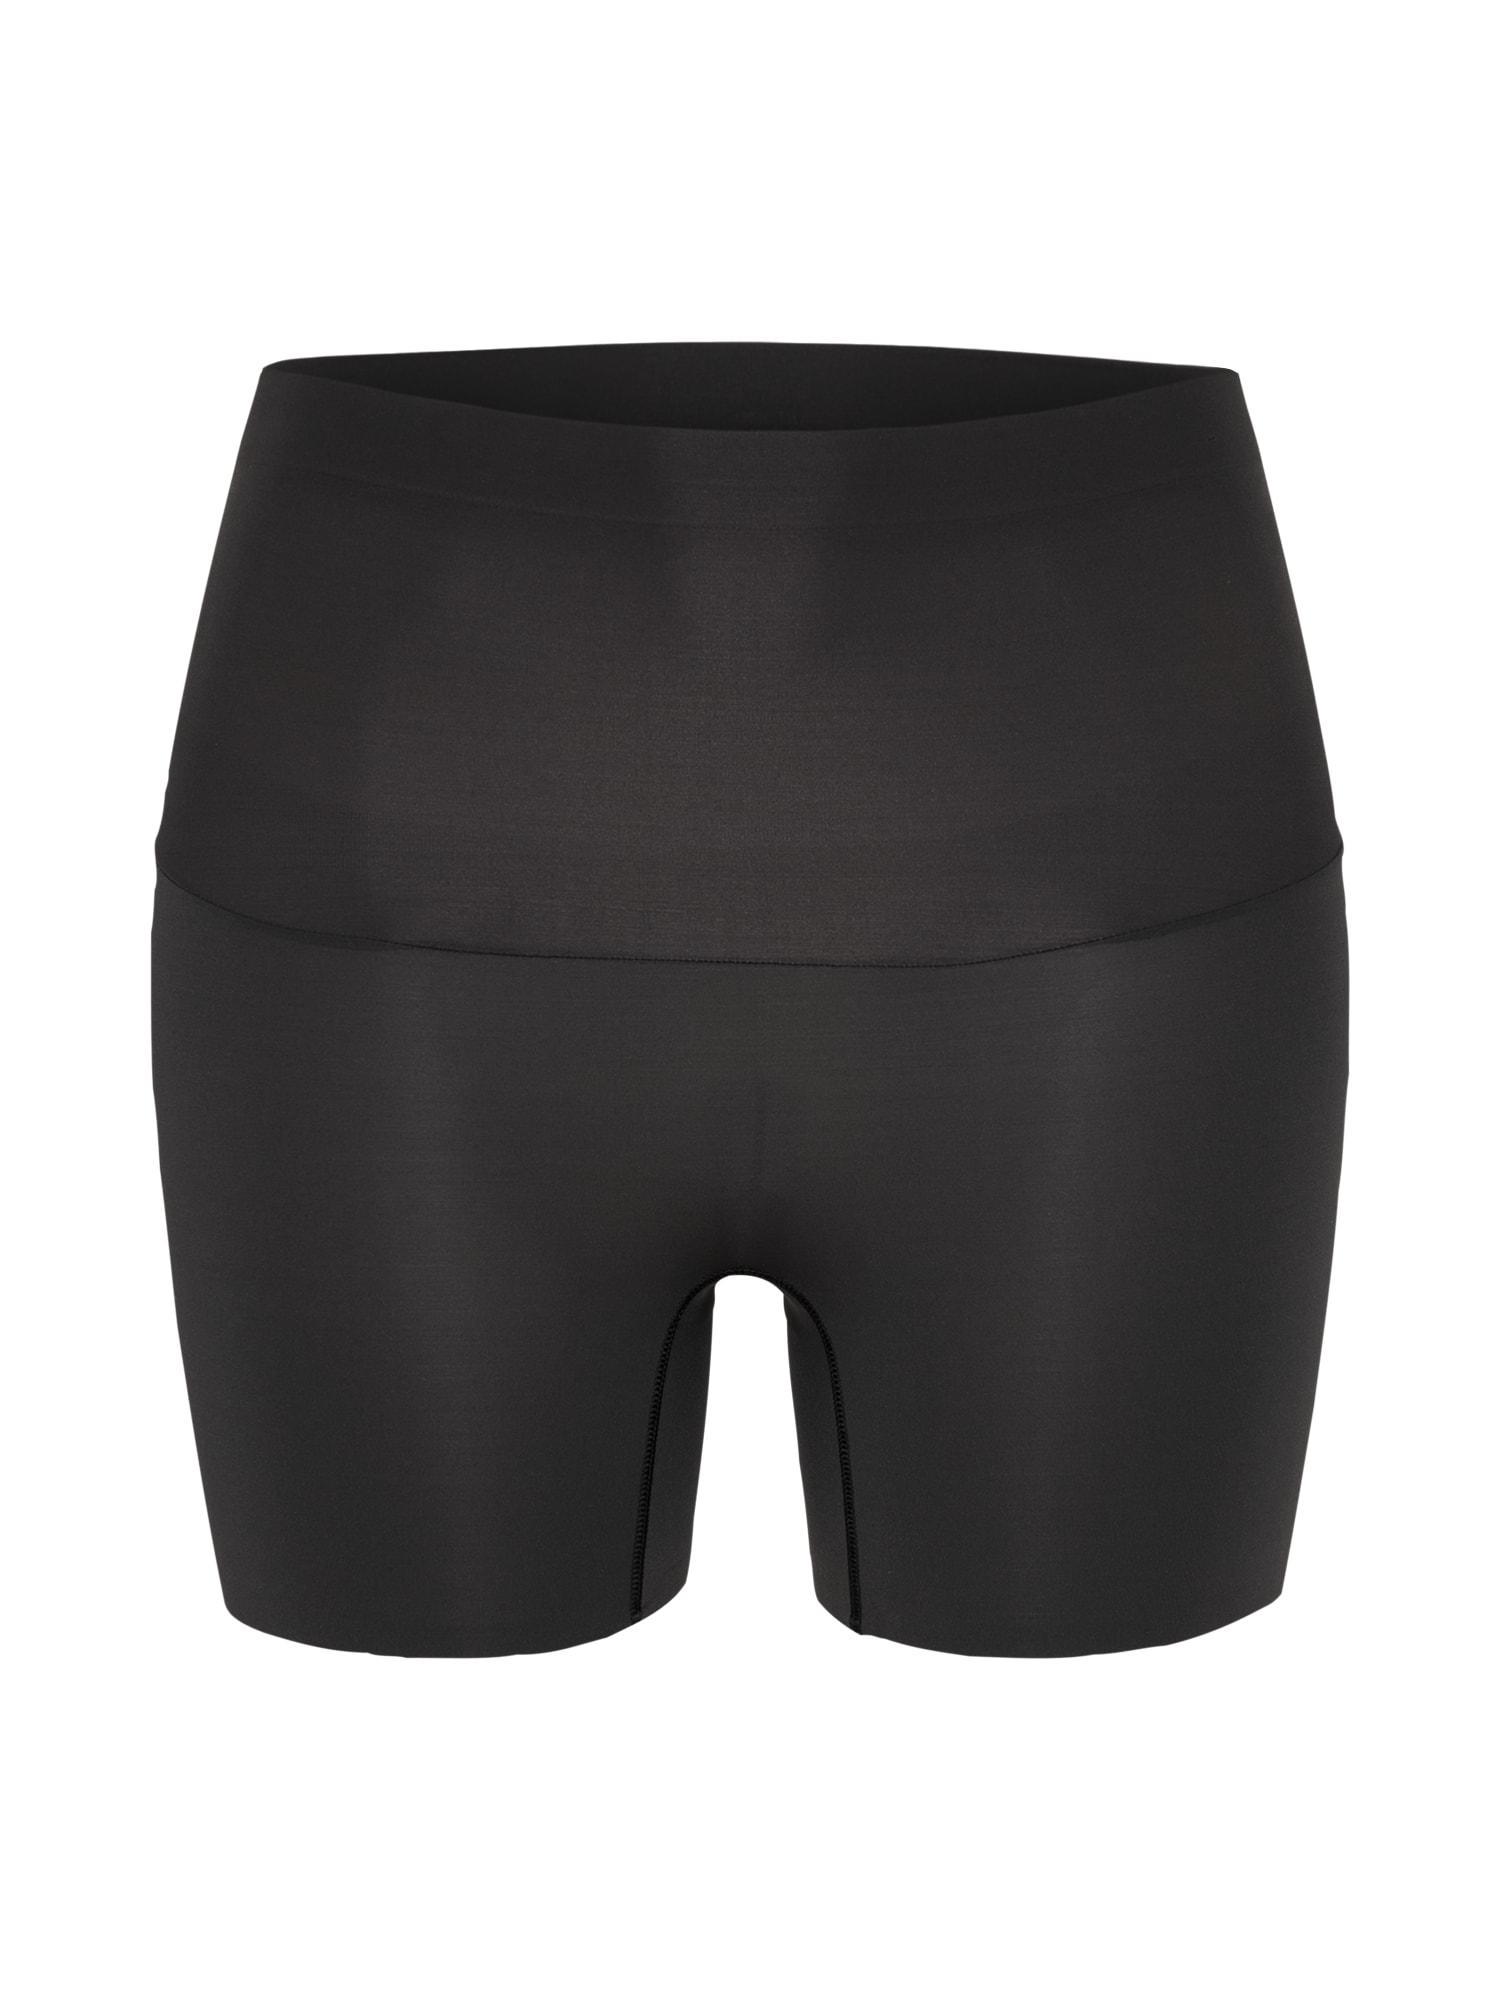 Stahovací kalhotky SHAPE MY DAY černá SPANX